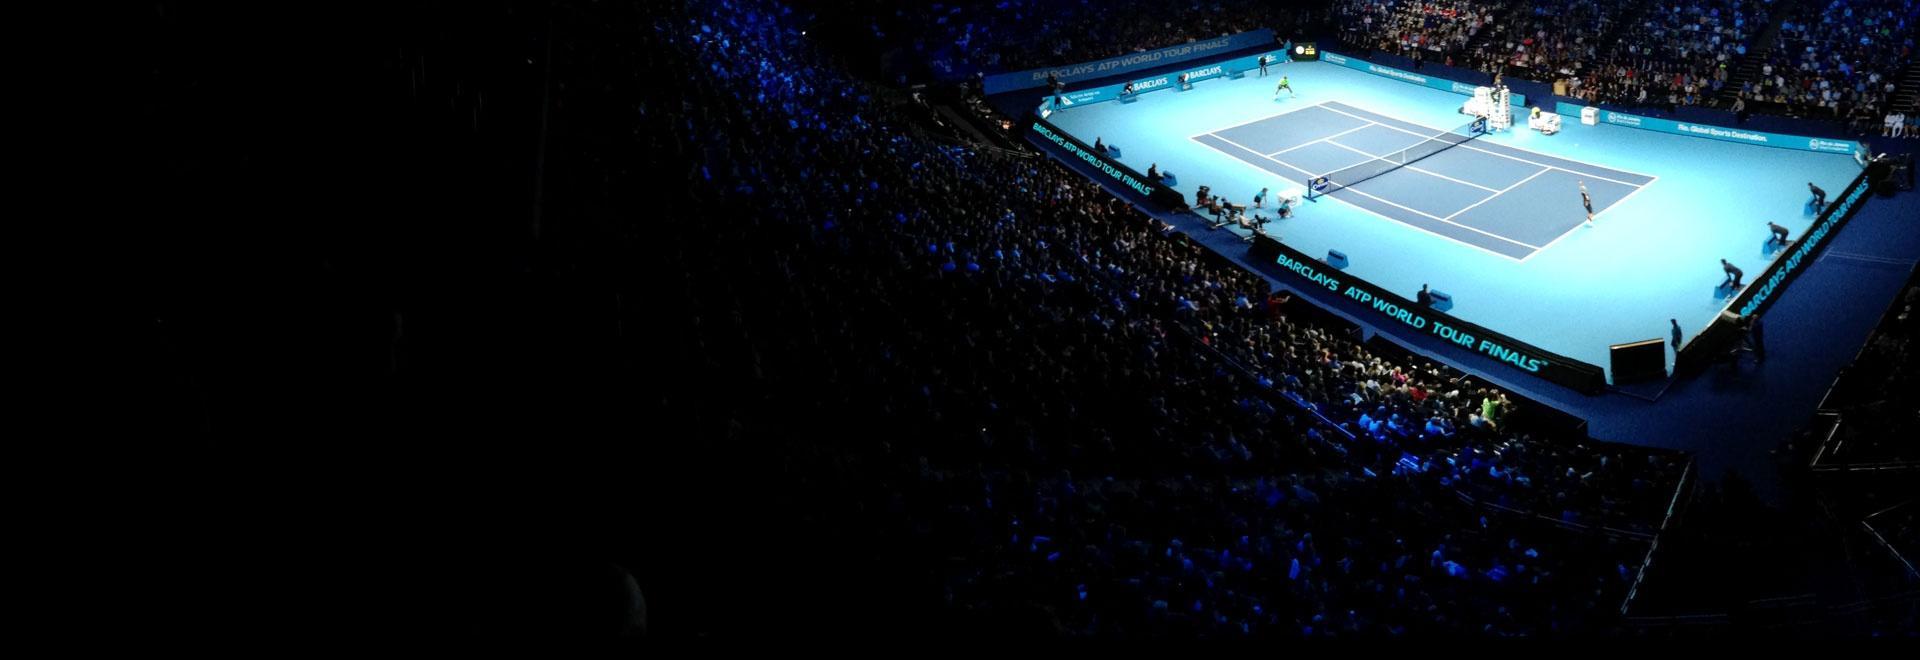 ATP Finals 2010